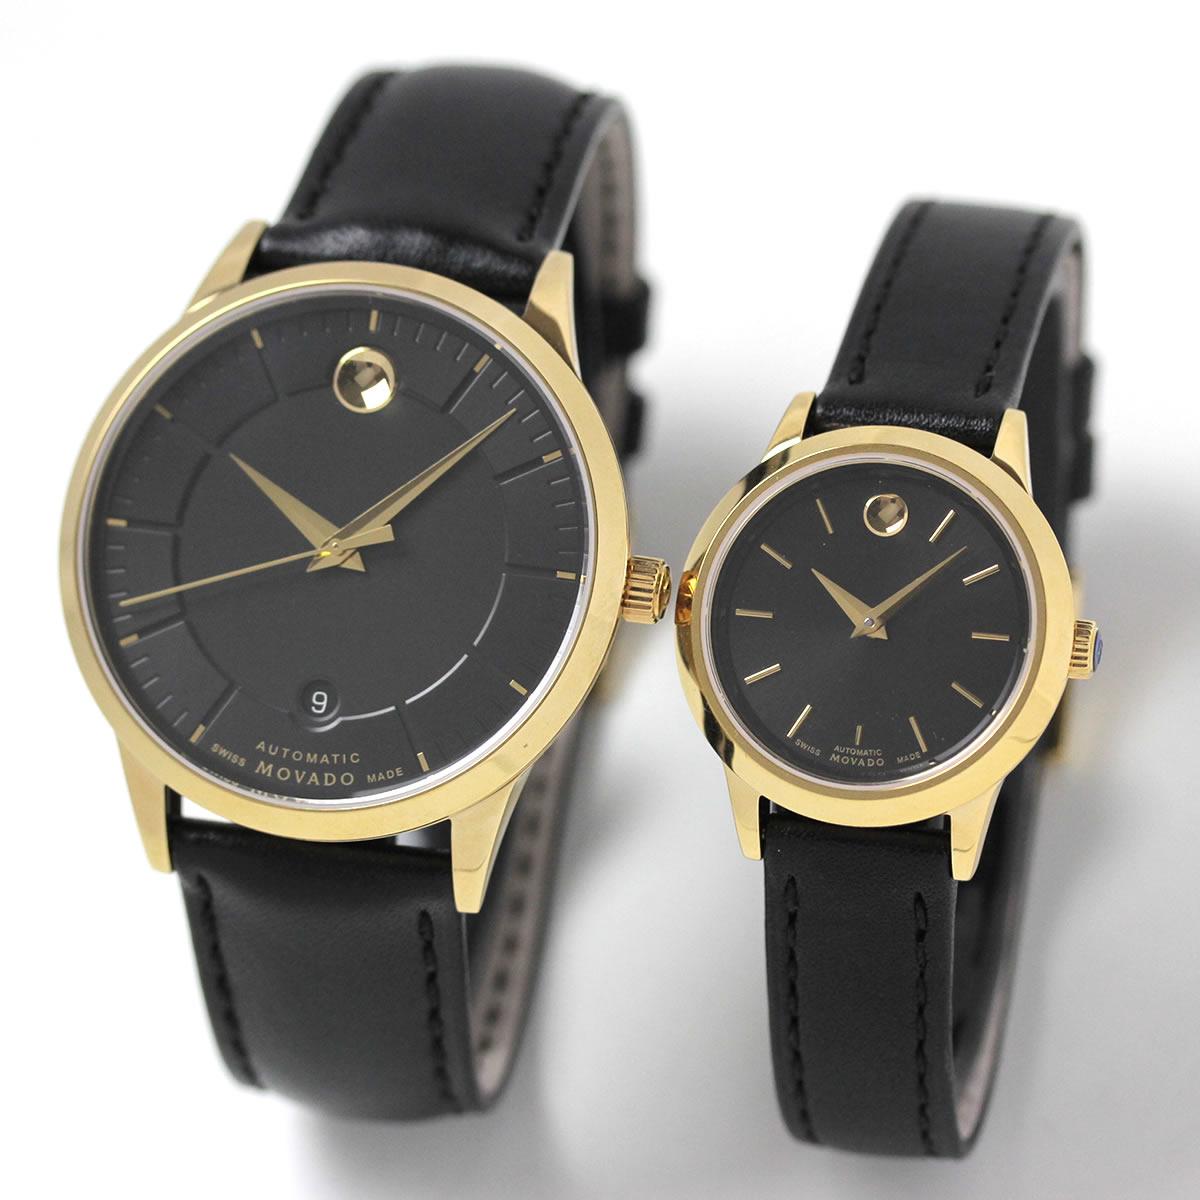 モバード 1881 AUTOMATIC ペア腕時計 m06068758303l-m06069258303l